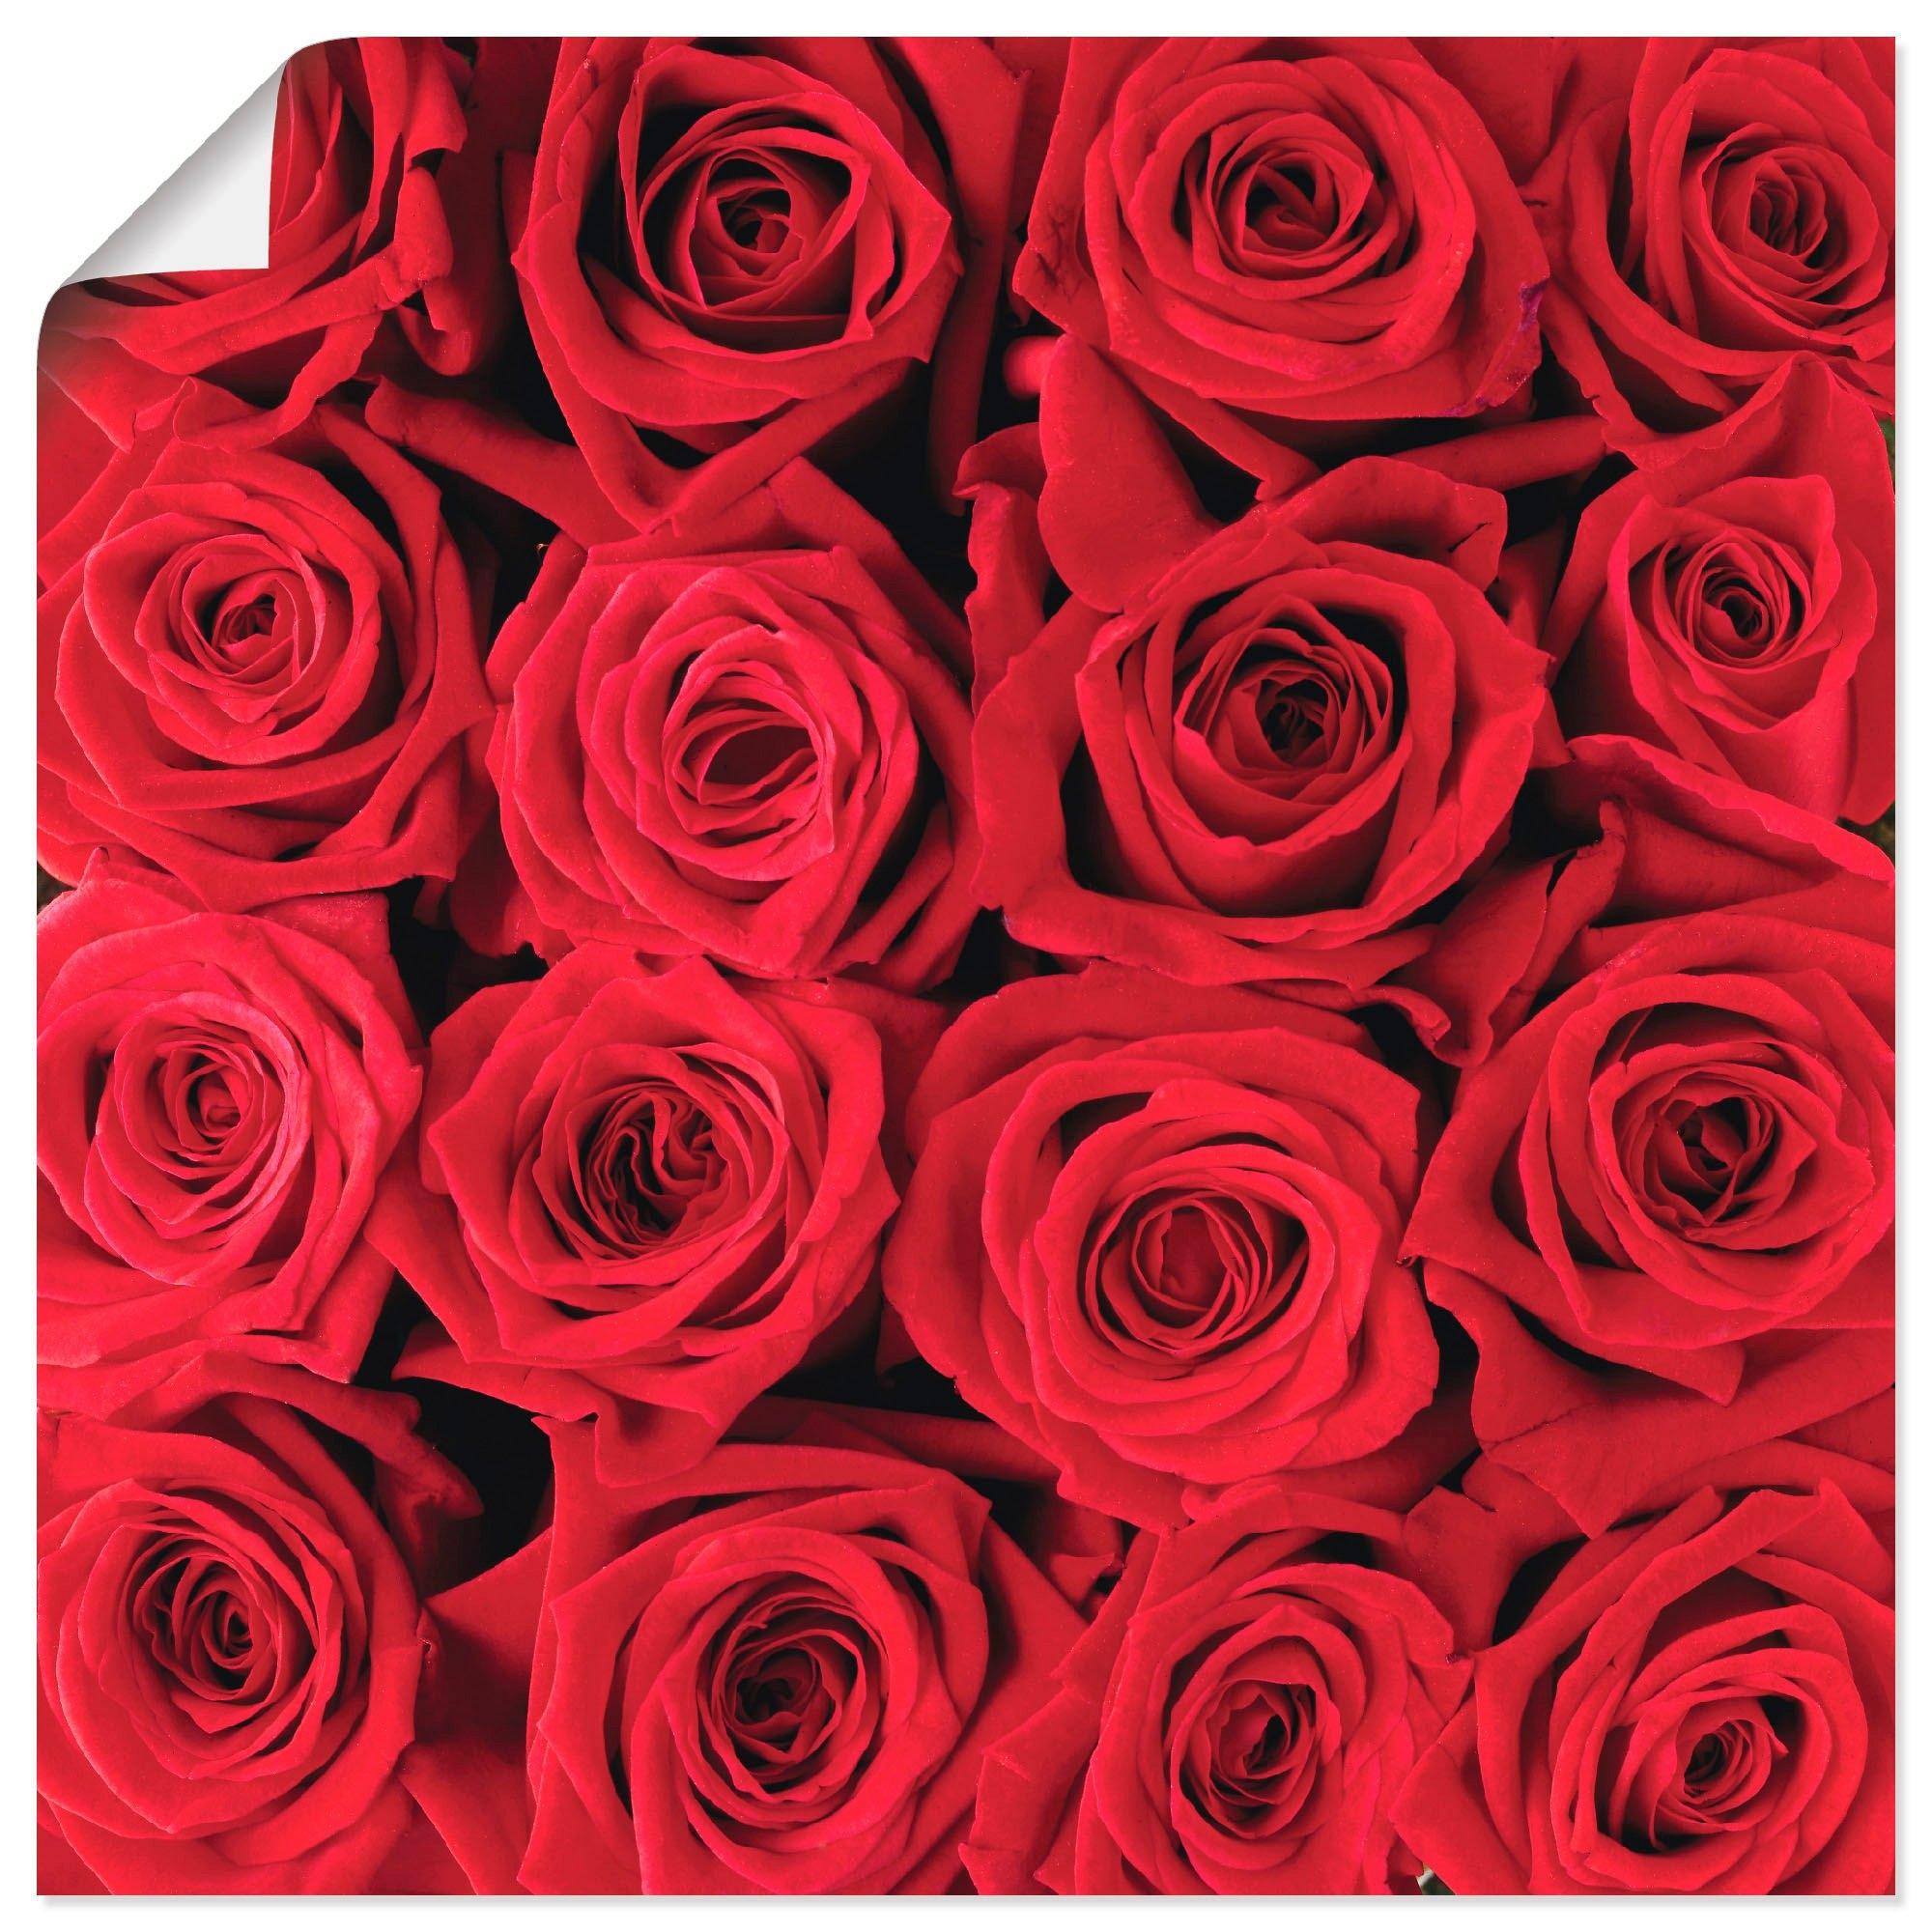 Artland artprint Rode rozencreatie in vele afmetingen & productsoorten -artprint op linnen, poster, muursticker / wandfolie ook geschikt voor de badkamer (1 stuk) veilig op otto.nl kopen